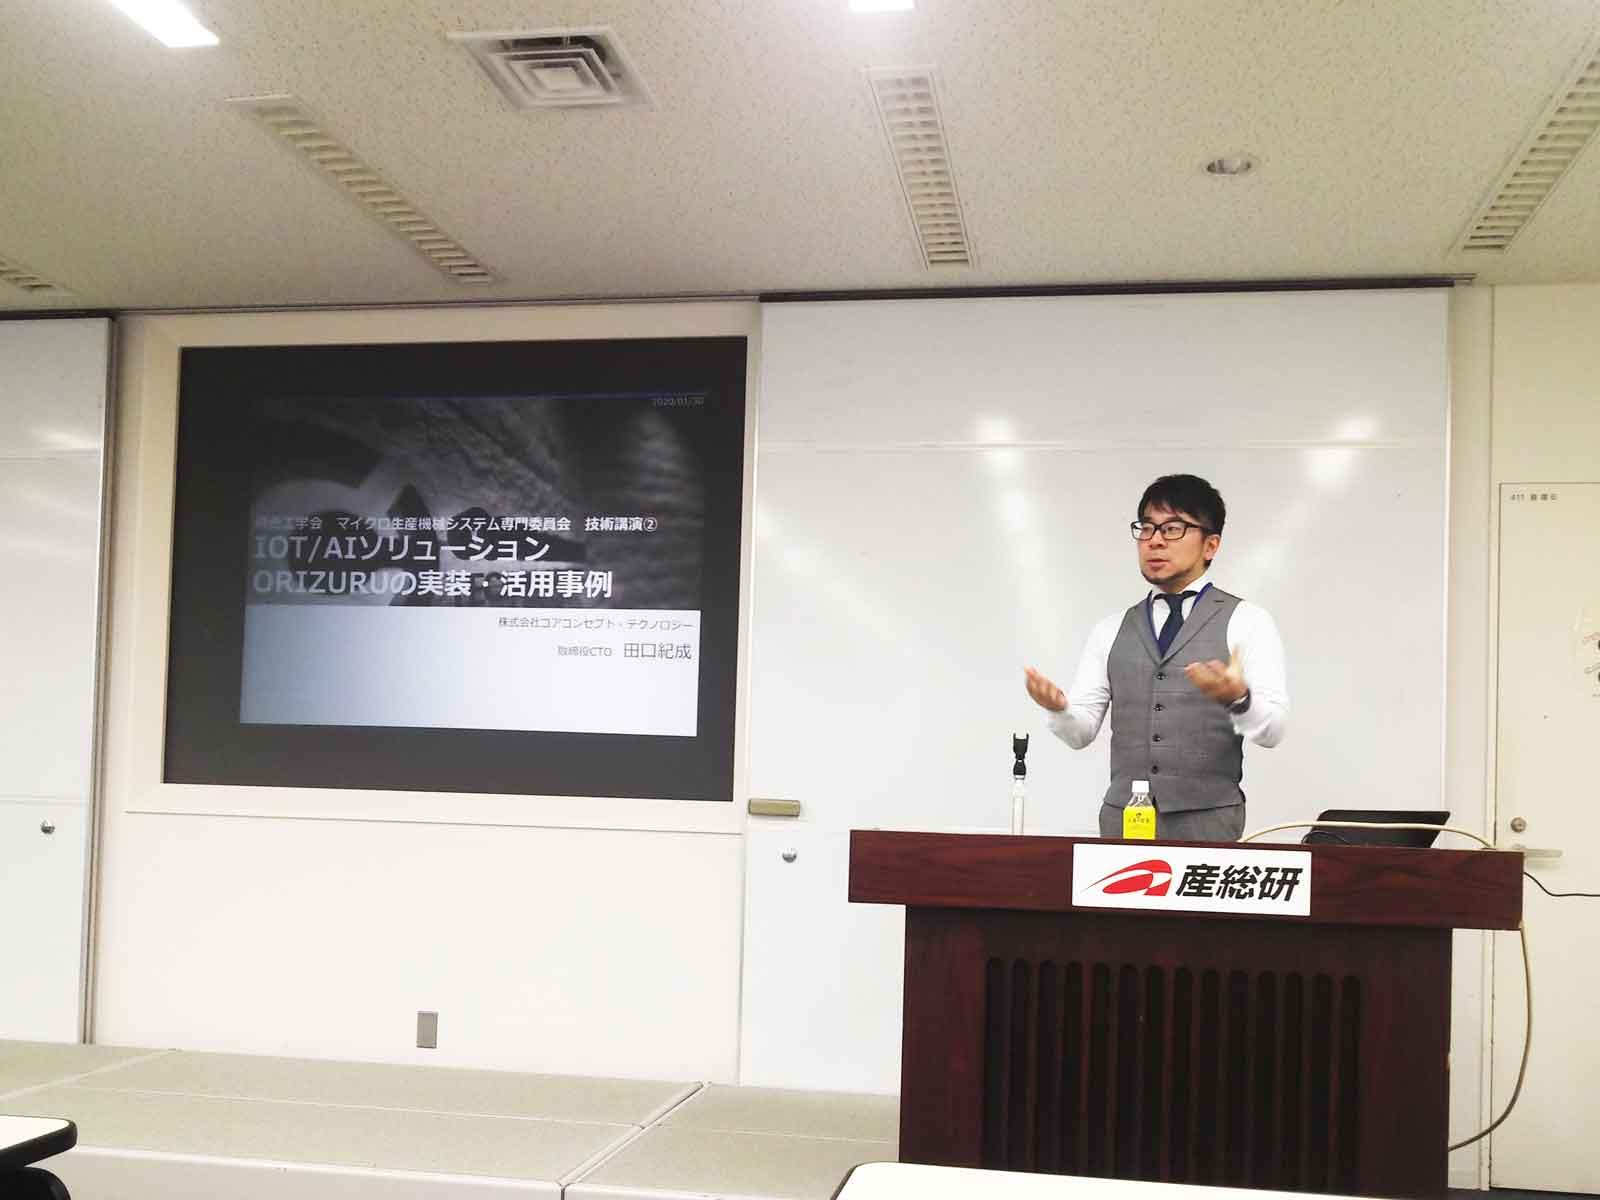 精密工学会 マイクロ生産機械システム専門委員会 2019年度 第58回委員会 実施